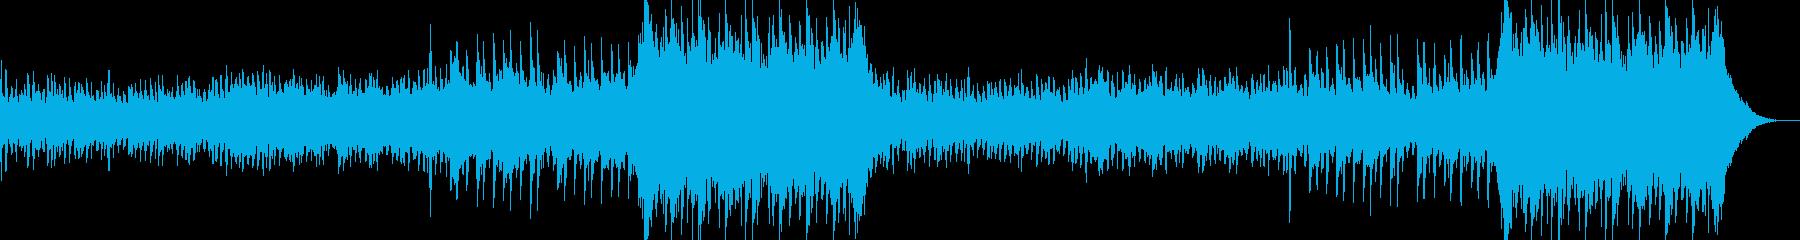 企業VPや映像36、壮大、オーケストラaの再生済みの波形